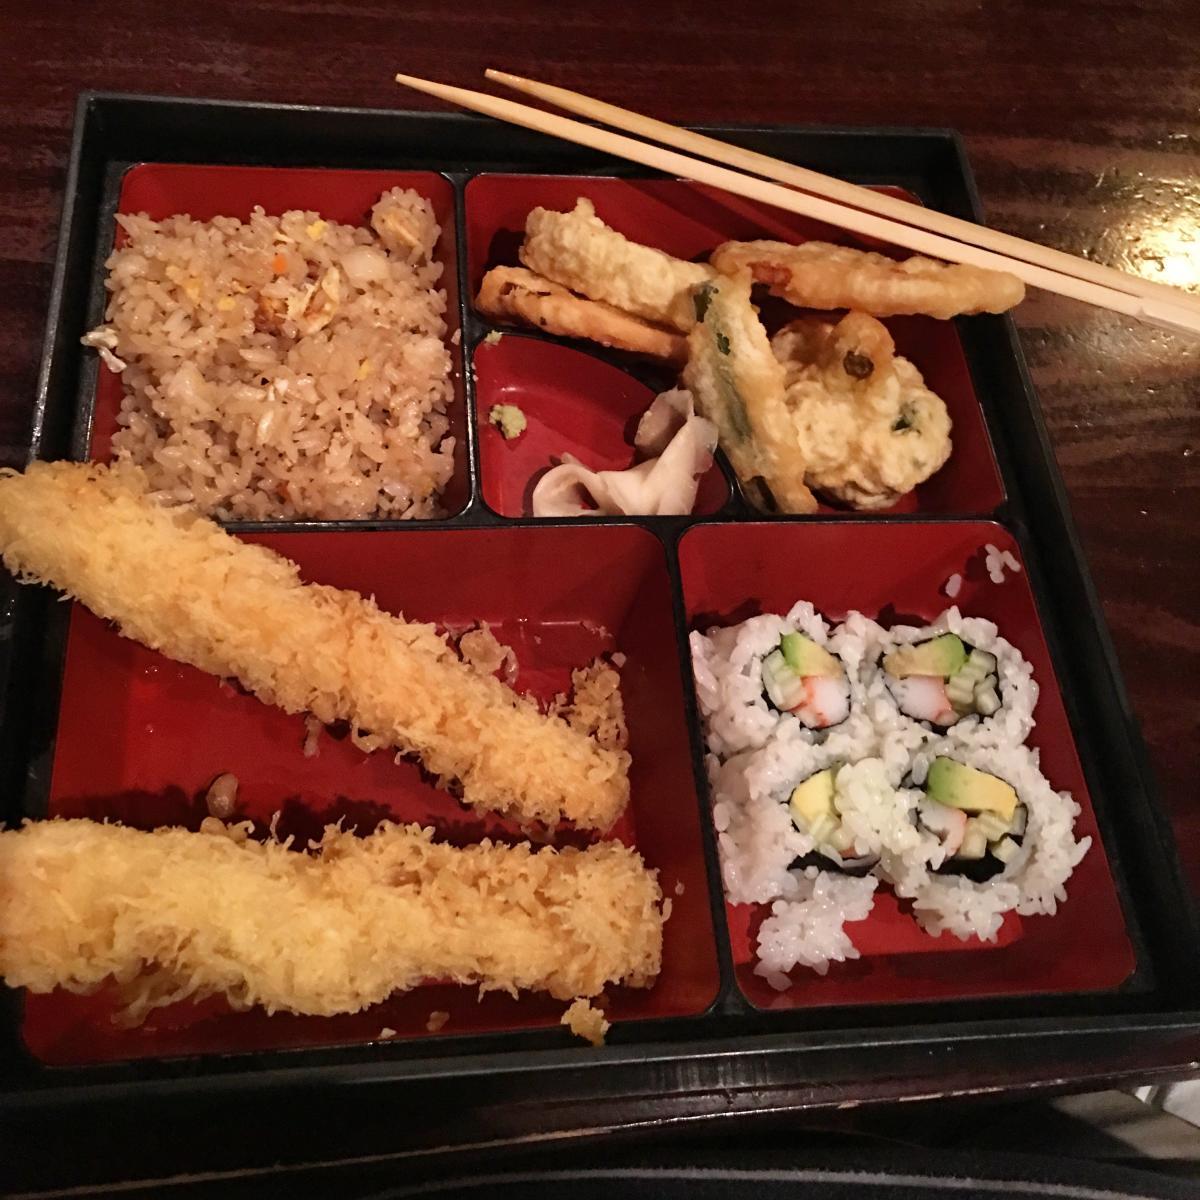 Lunch Bento Box at Koto